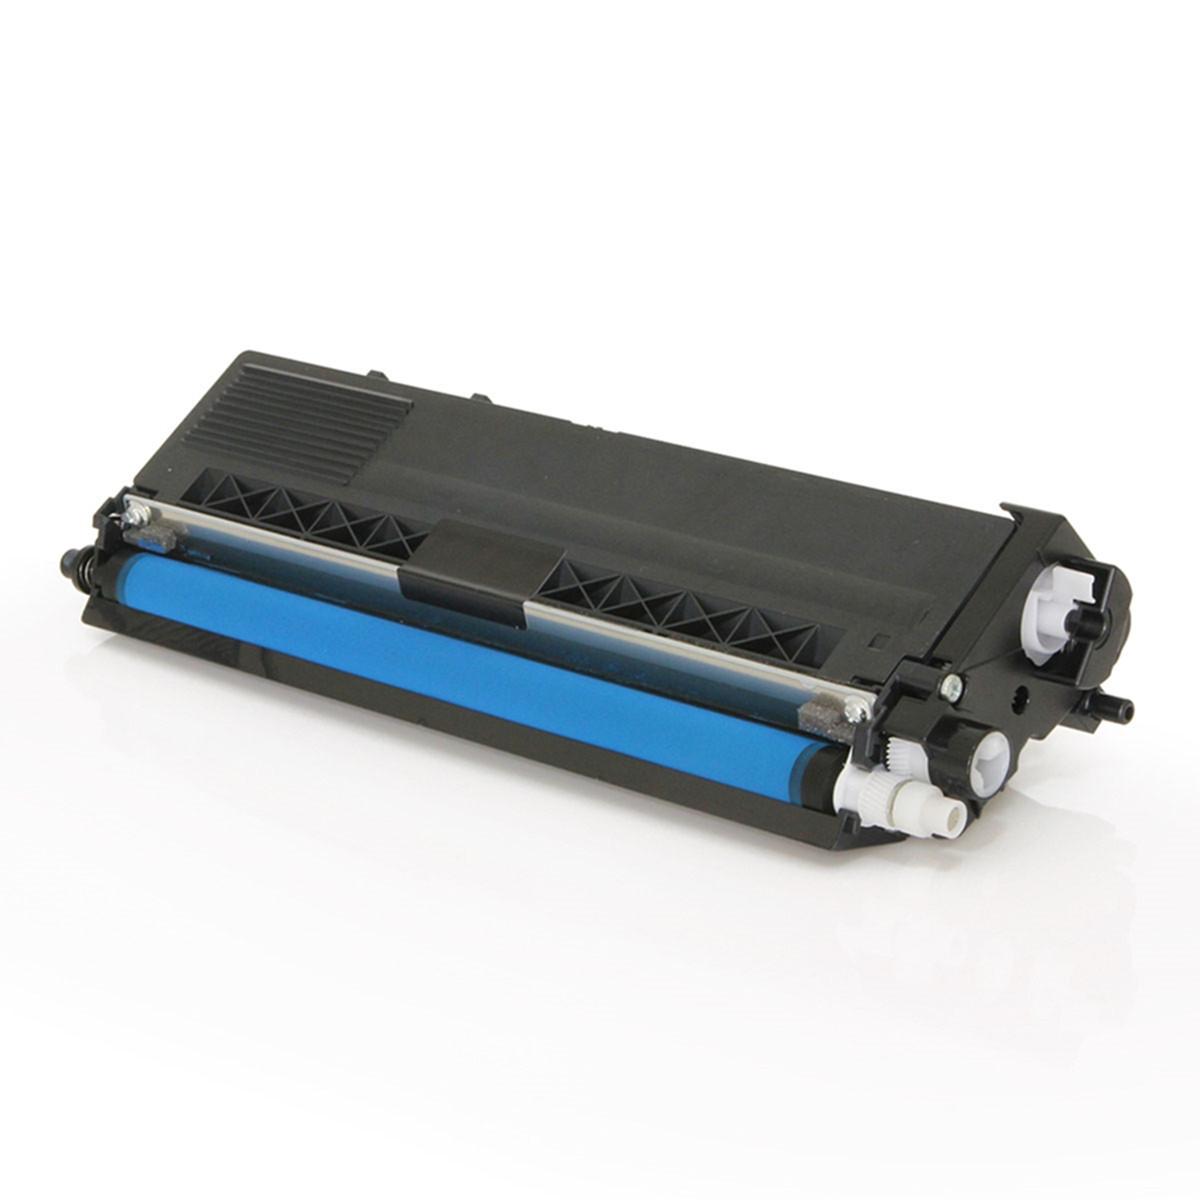 Toner Compatível com Brother TN-316C TN316 Ciano DCP-L8400CDN HL-L8350CDW L8600CDW | 3.5k